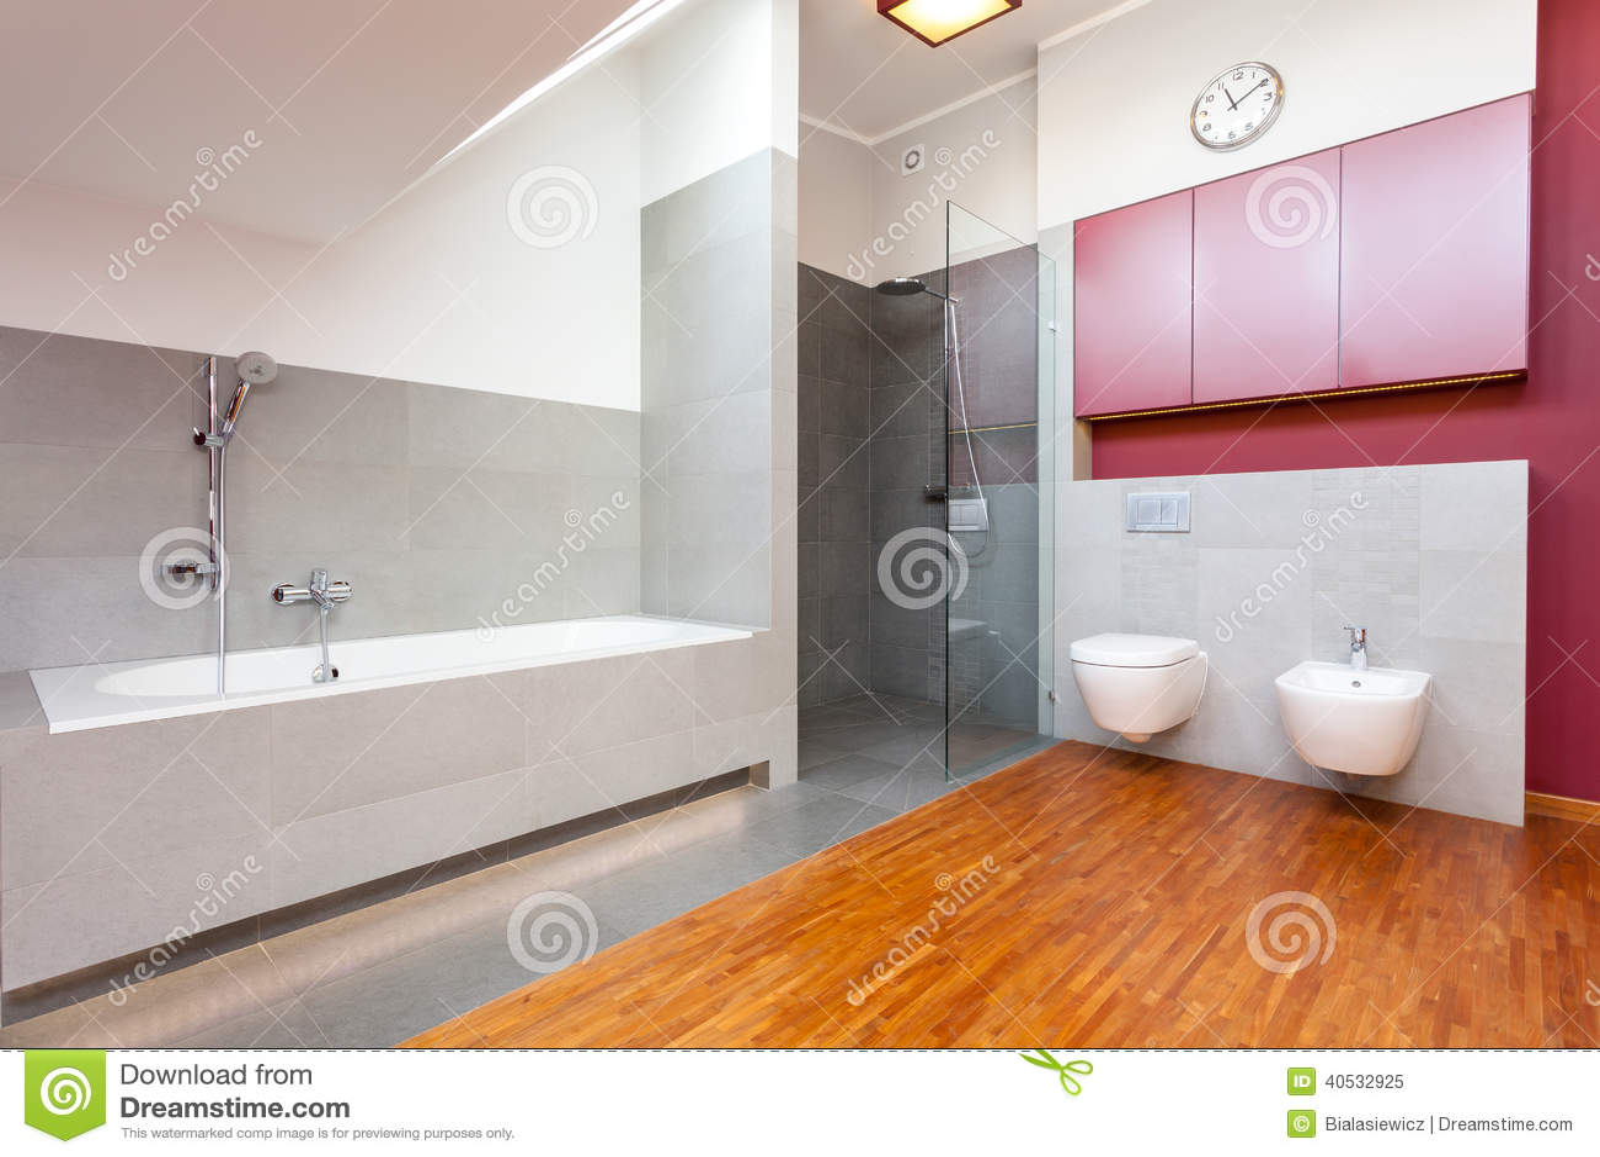 Bagno Moderno Rosso E Grigio Fotografia Stock - Immagine: 40532925